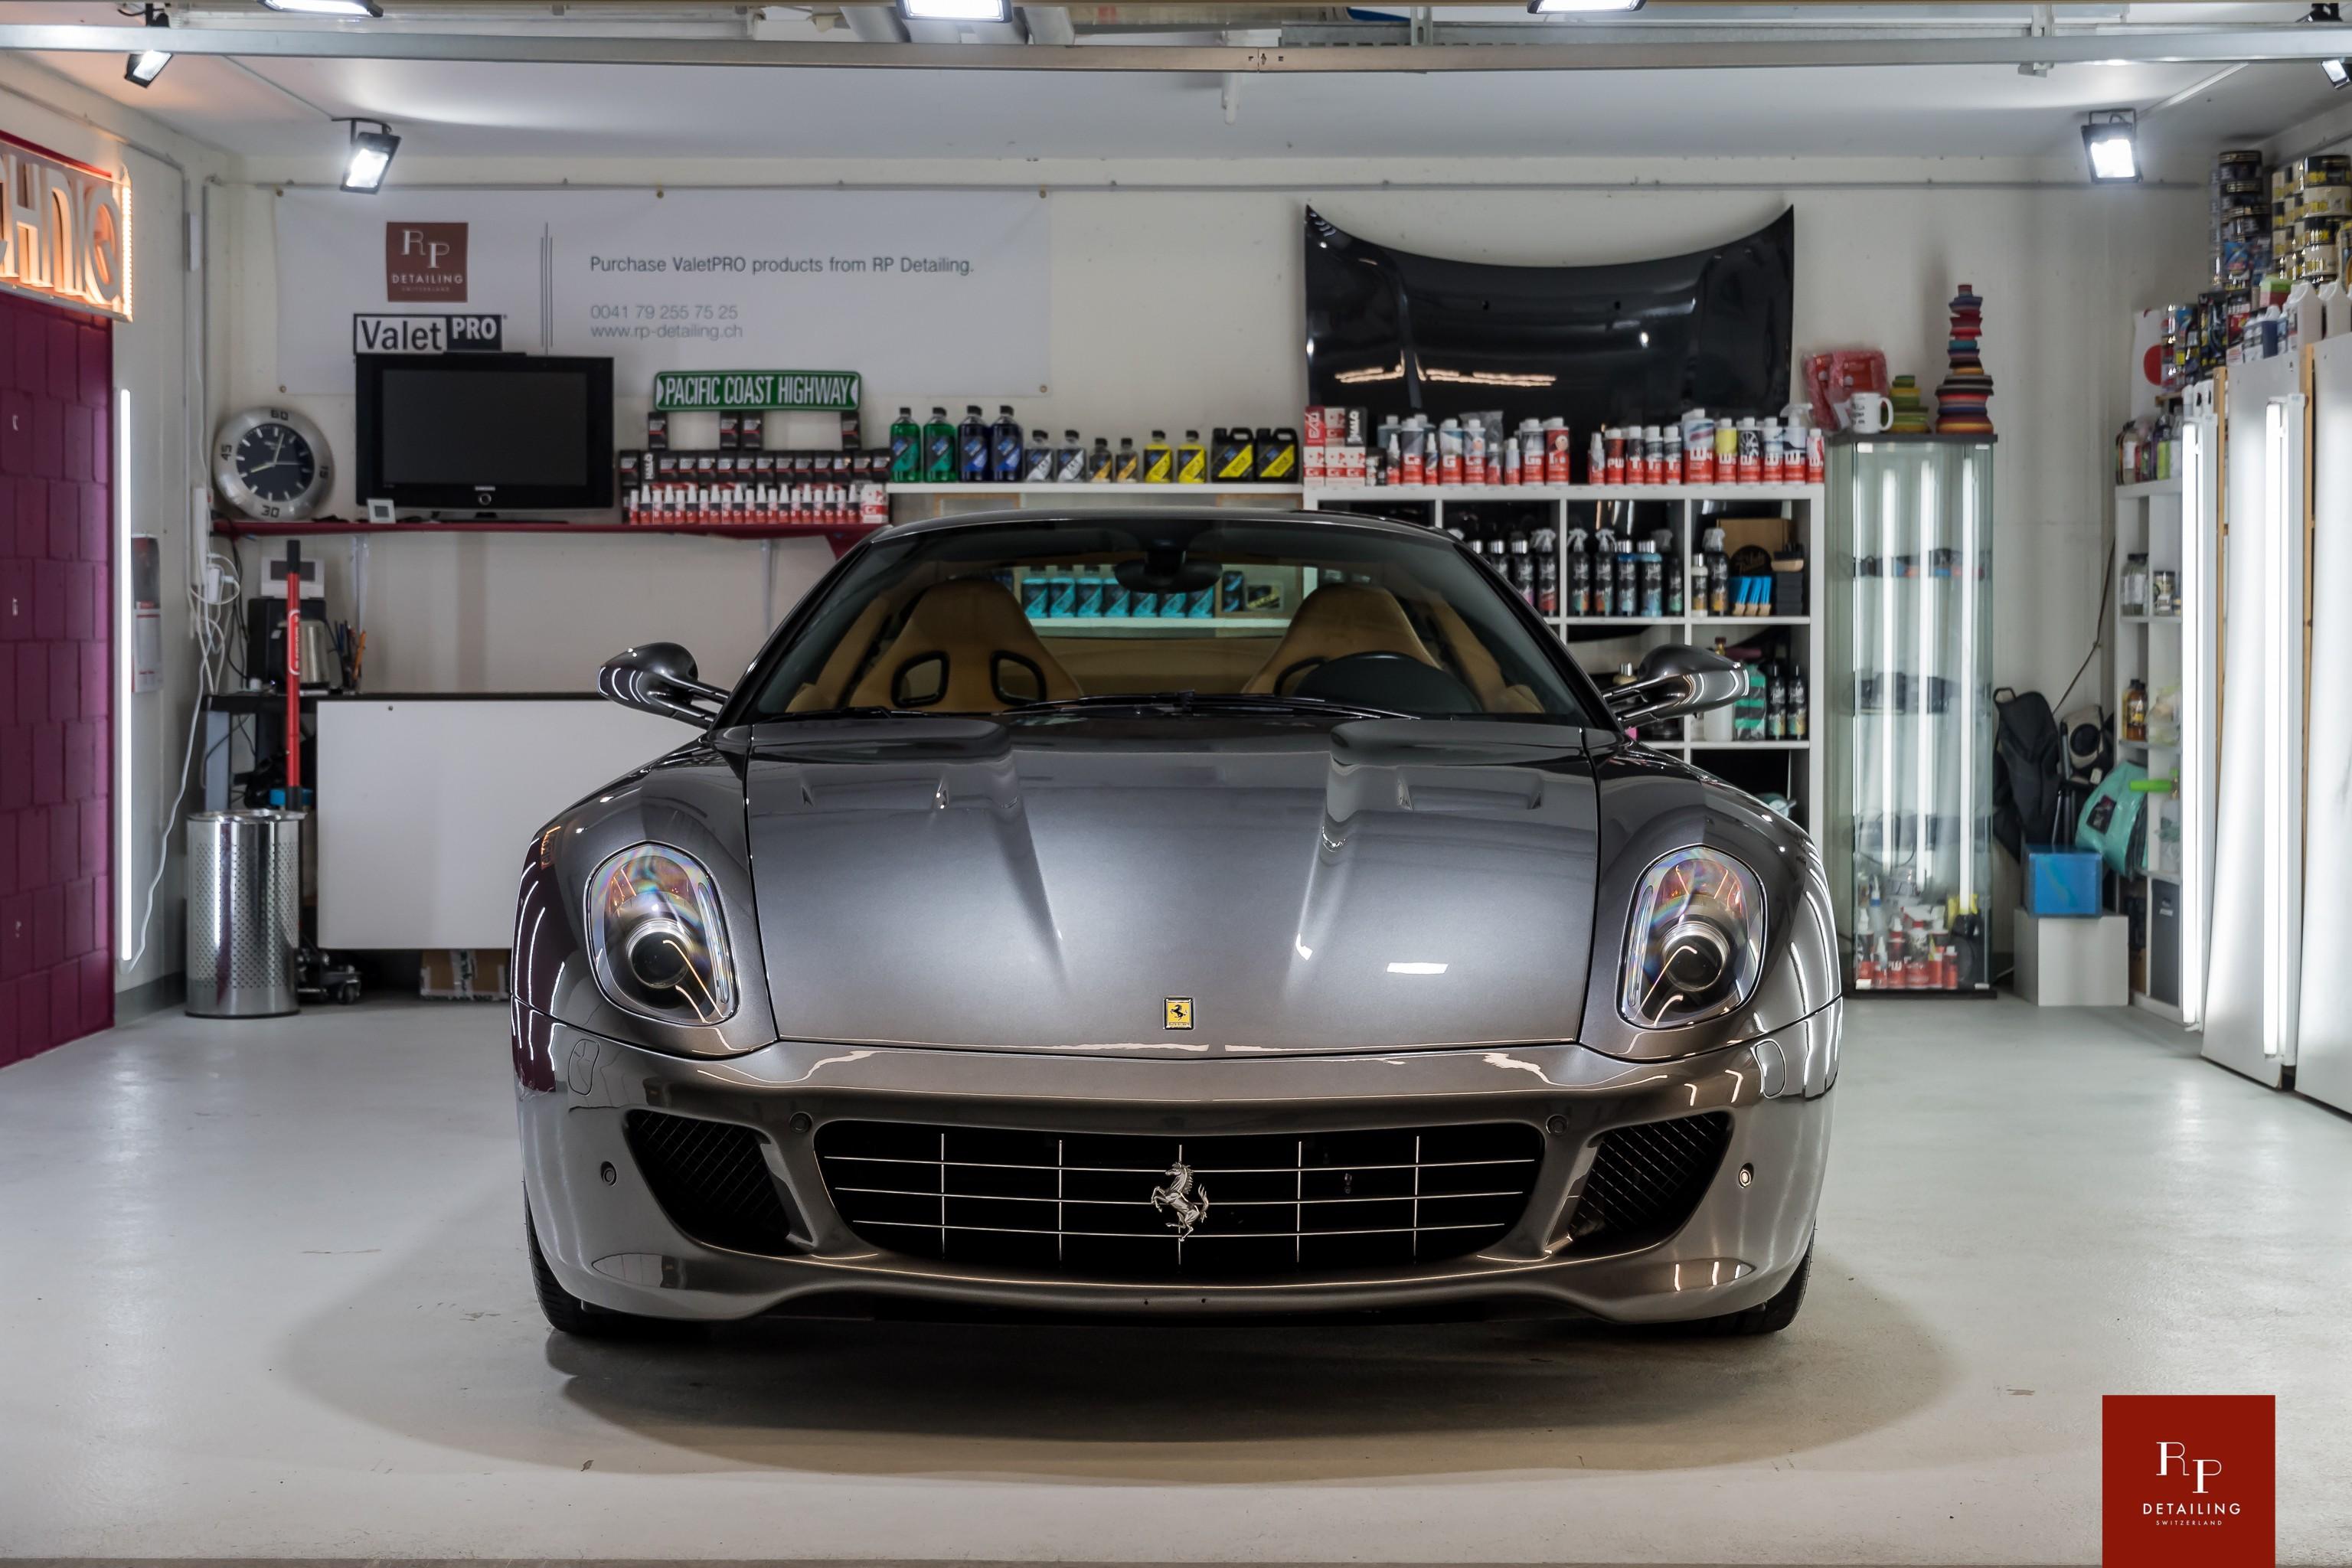 Ferrari 599 GTB by rp-detailing